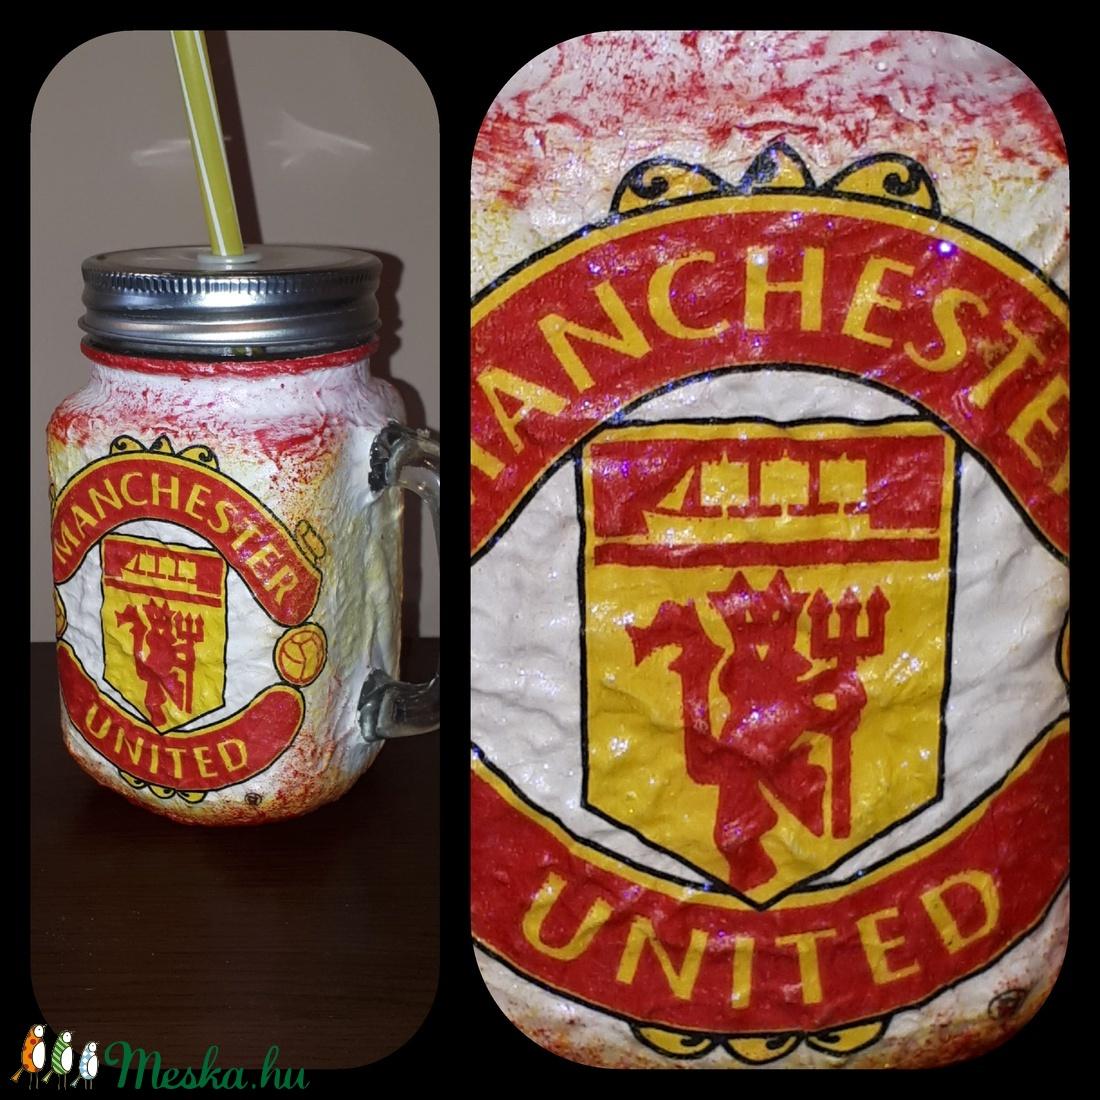 Manchester United foci rajongói sörös korsó vagy szívószálas üveg kettő az egyben - otthon & lakás - dekoráció - díszüveg - Meska.hu